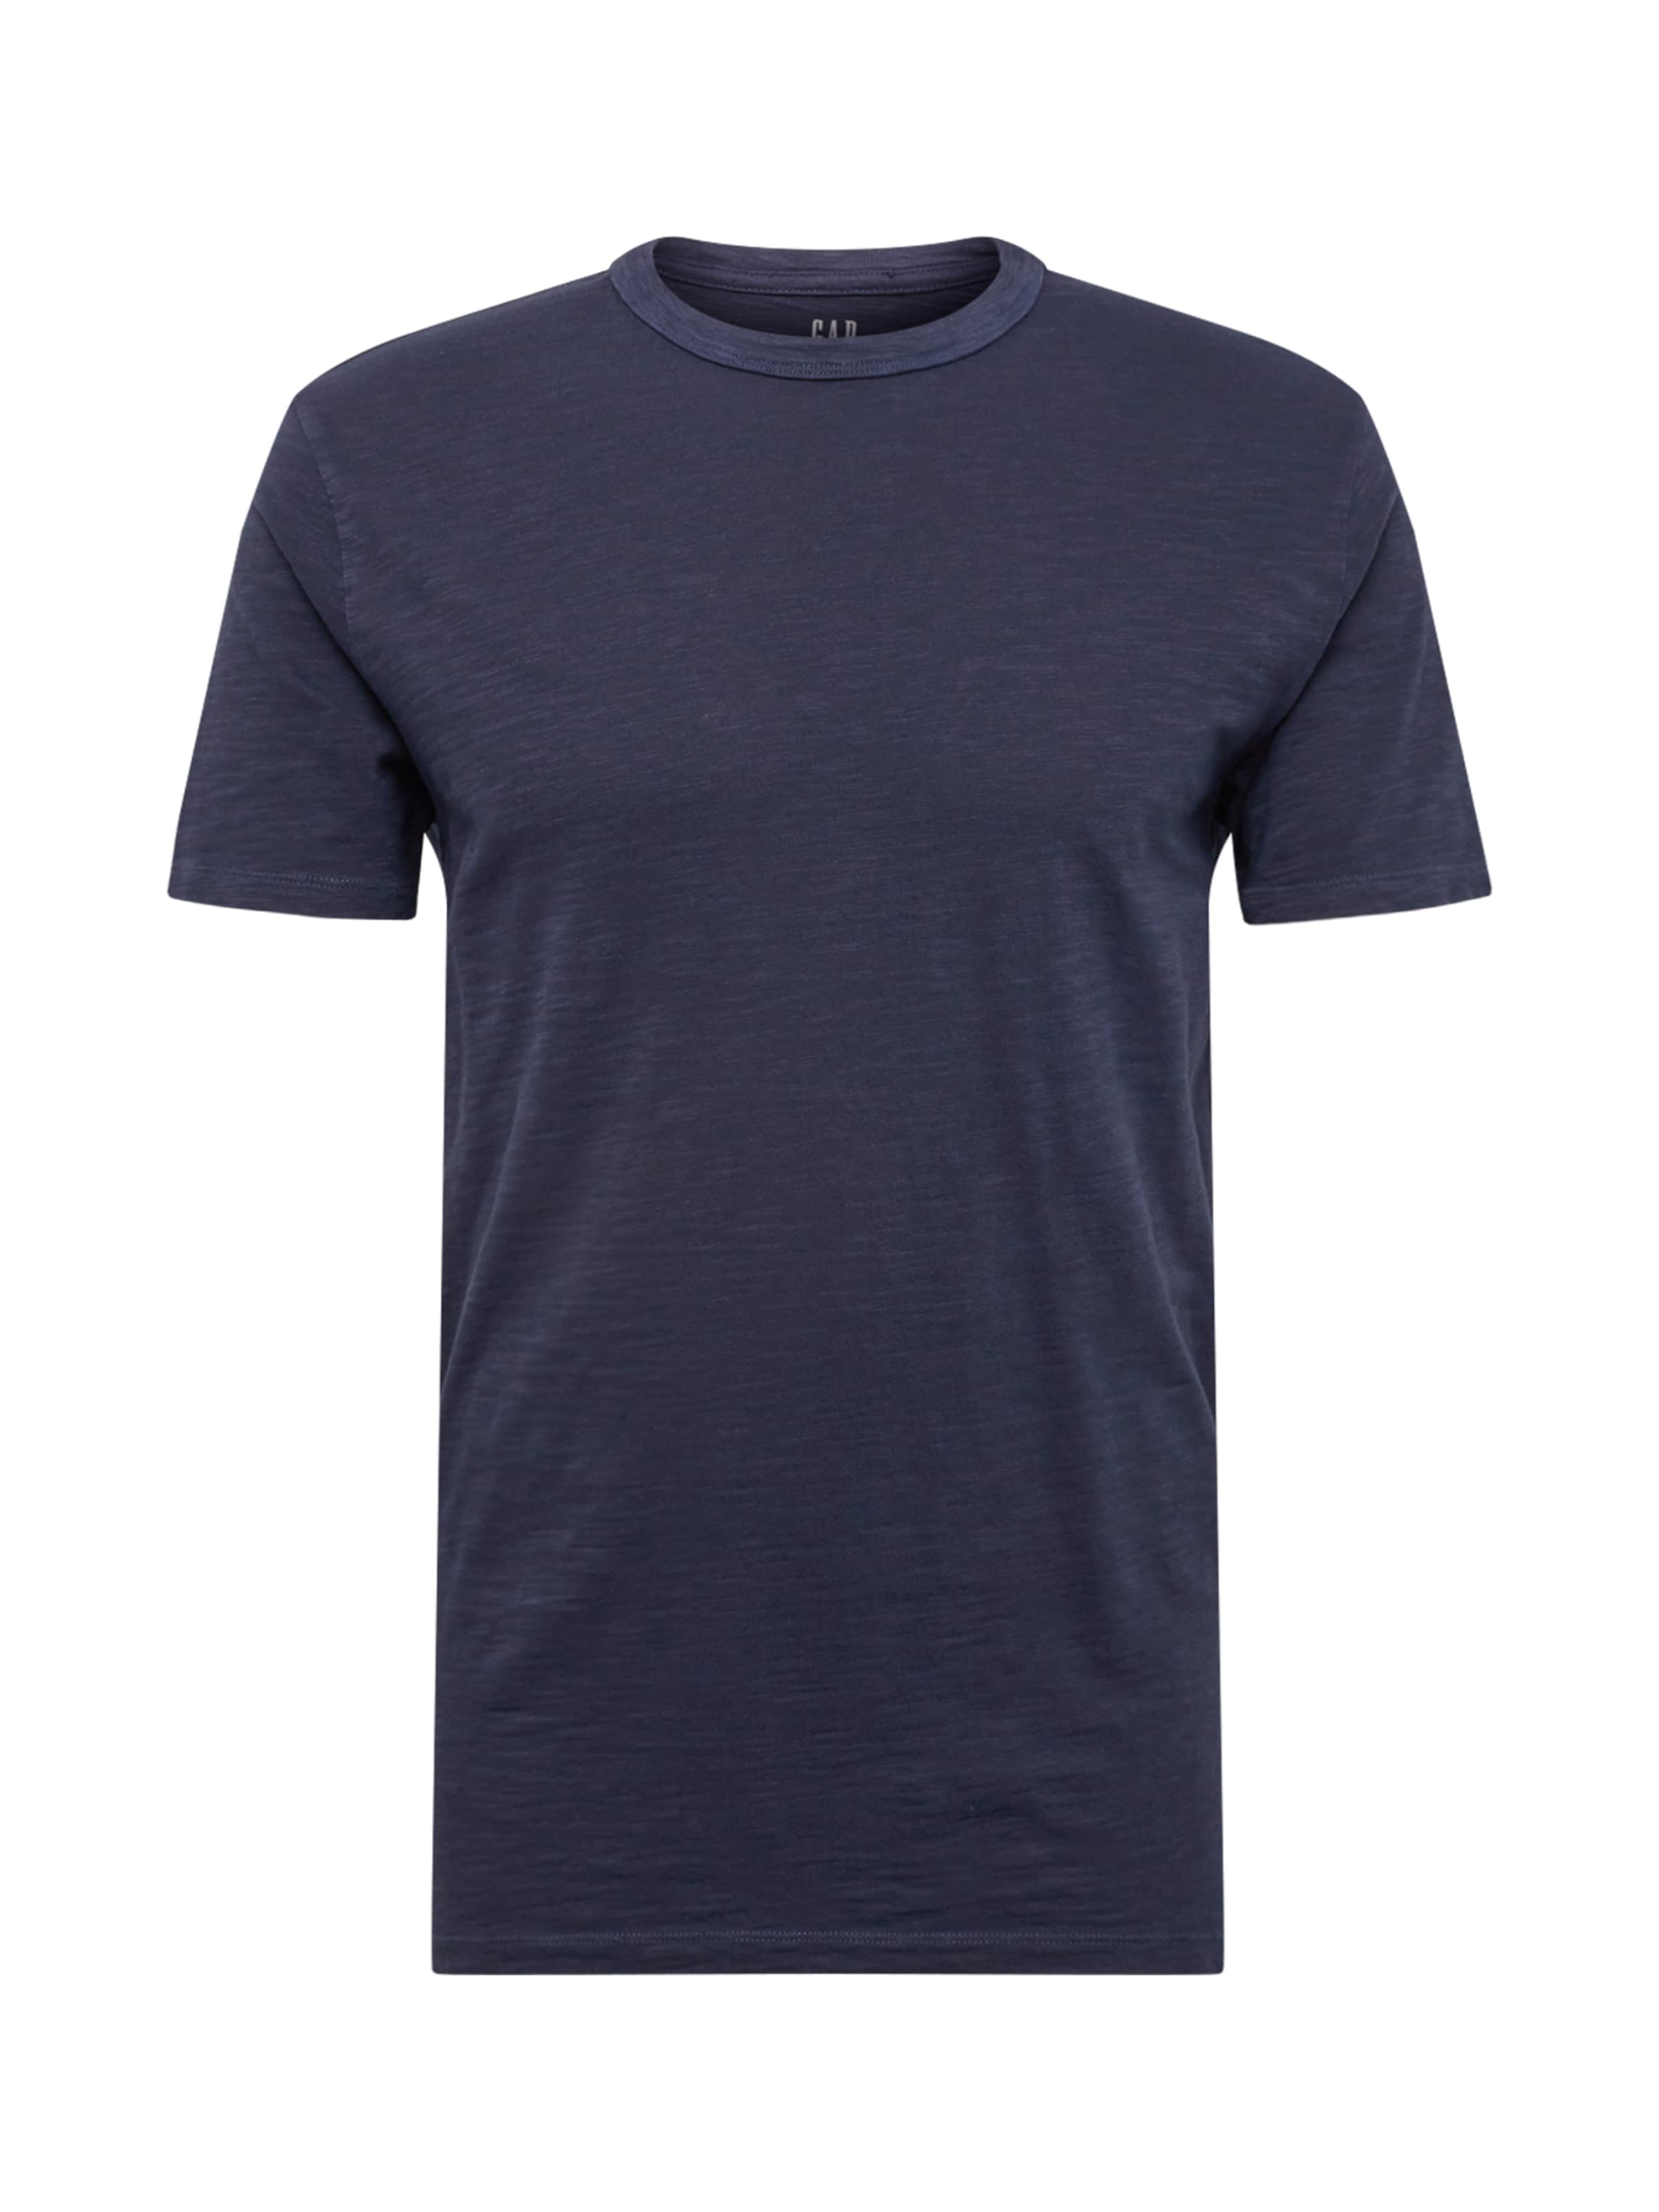 Gap shirt T Bleu Marine 'slub En Solid' j5RA34qcL